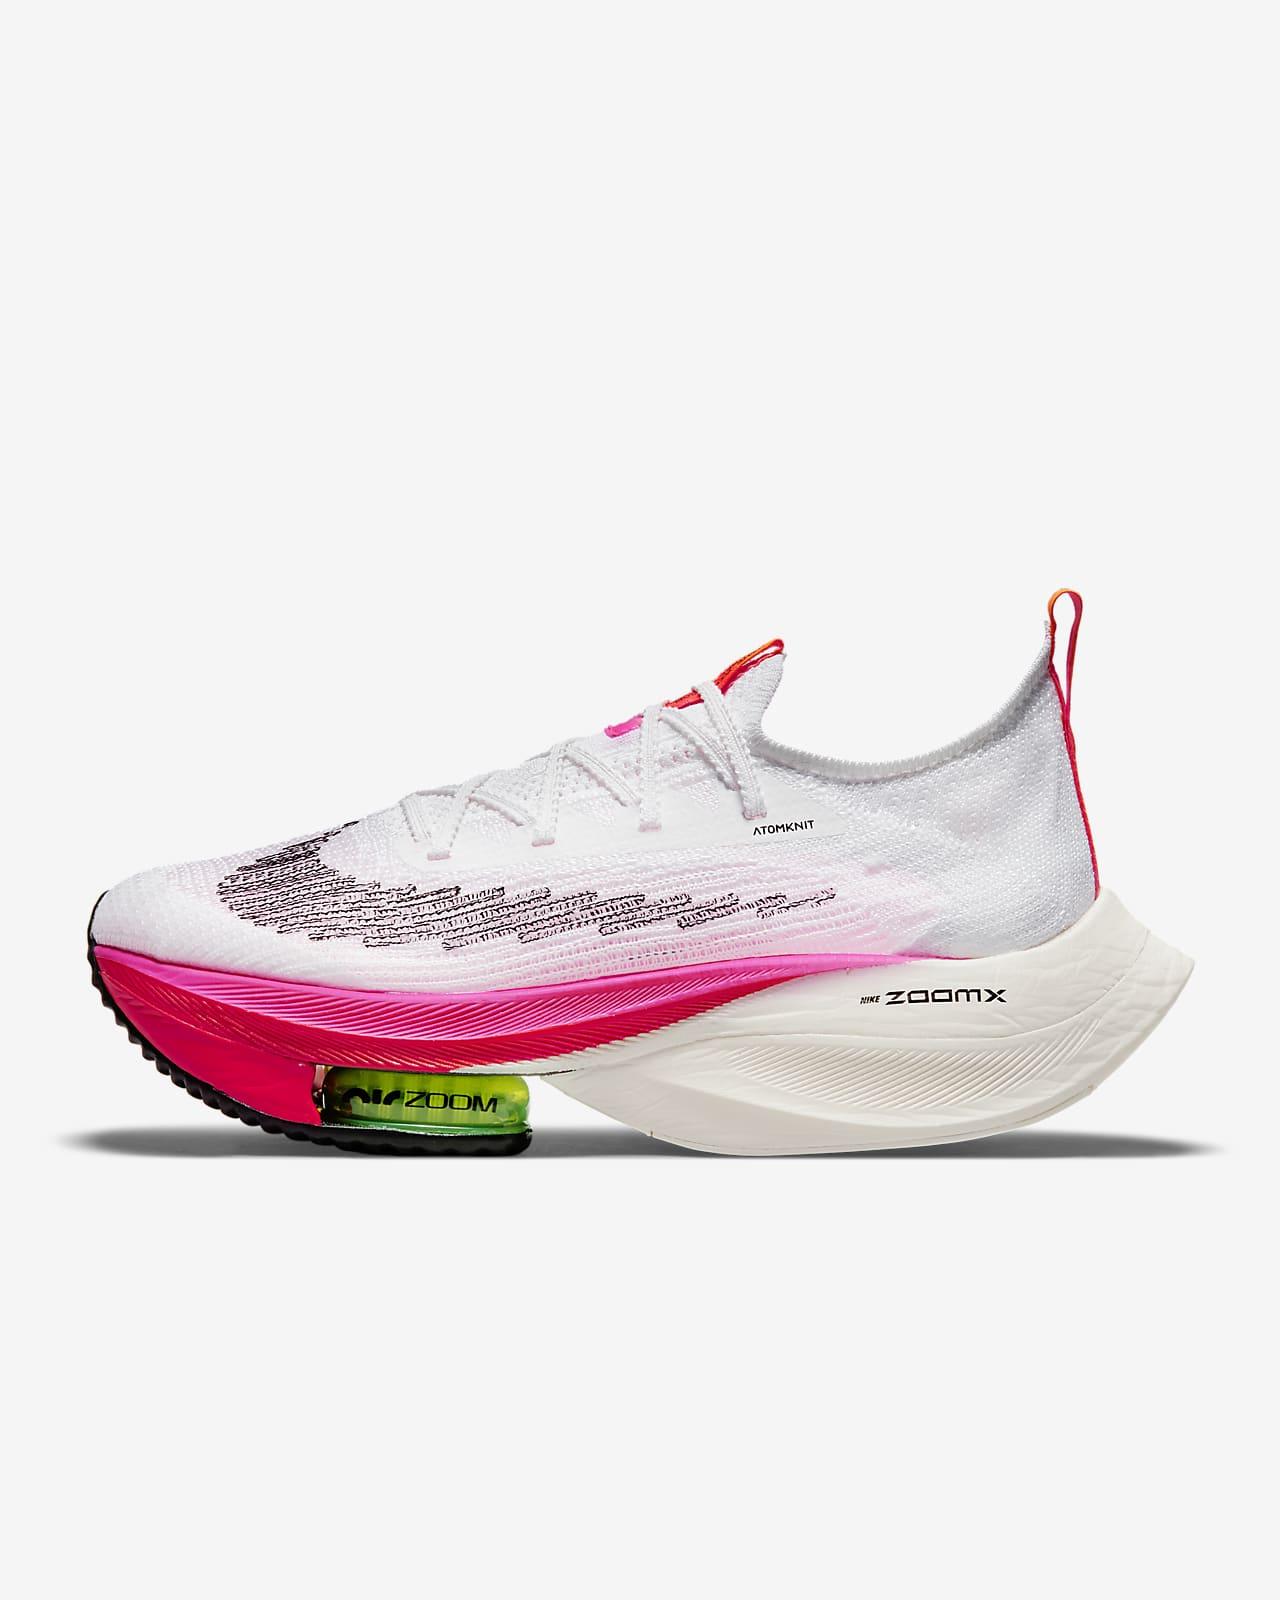 Γυναικείο παπούτσι αγώνων δρόμου Nike Air Zoom Alphafly NEXT% Flyknit